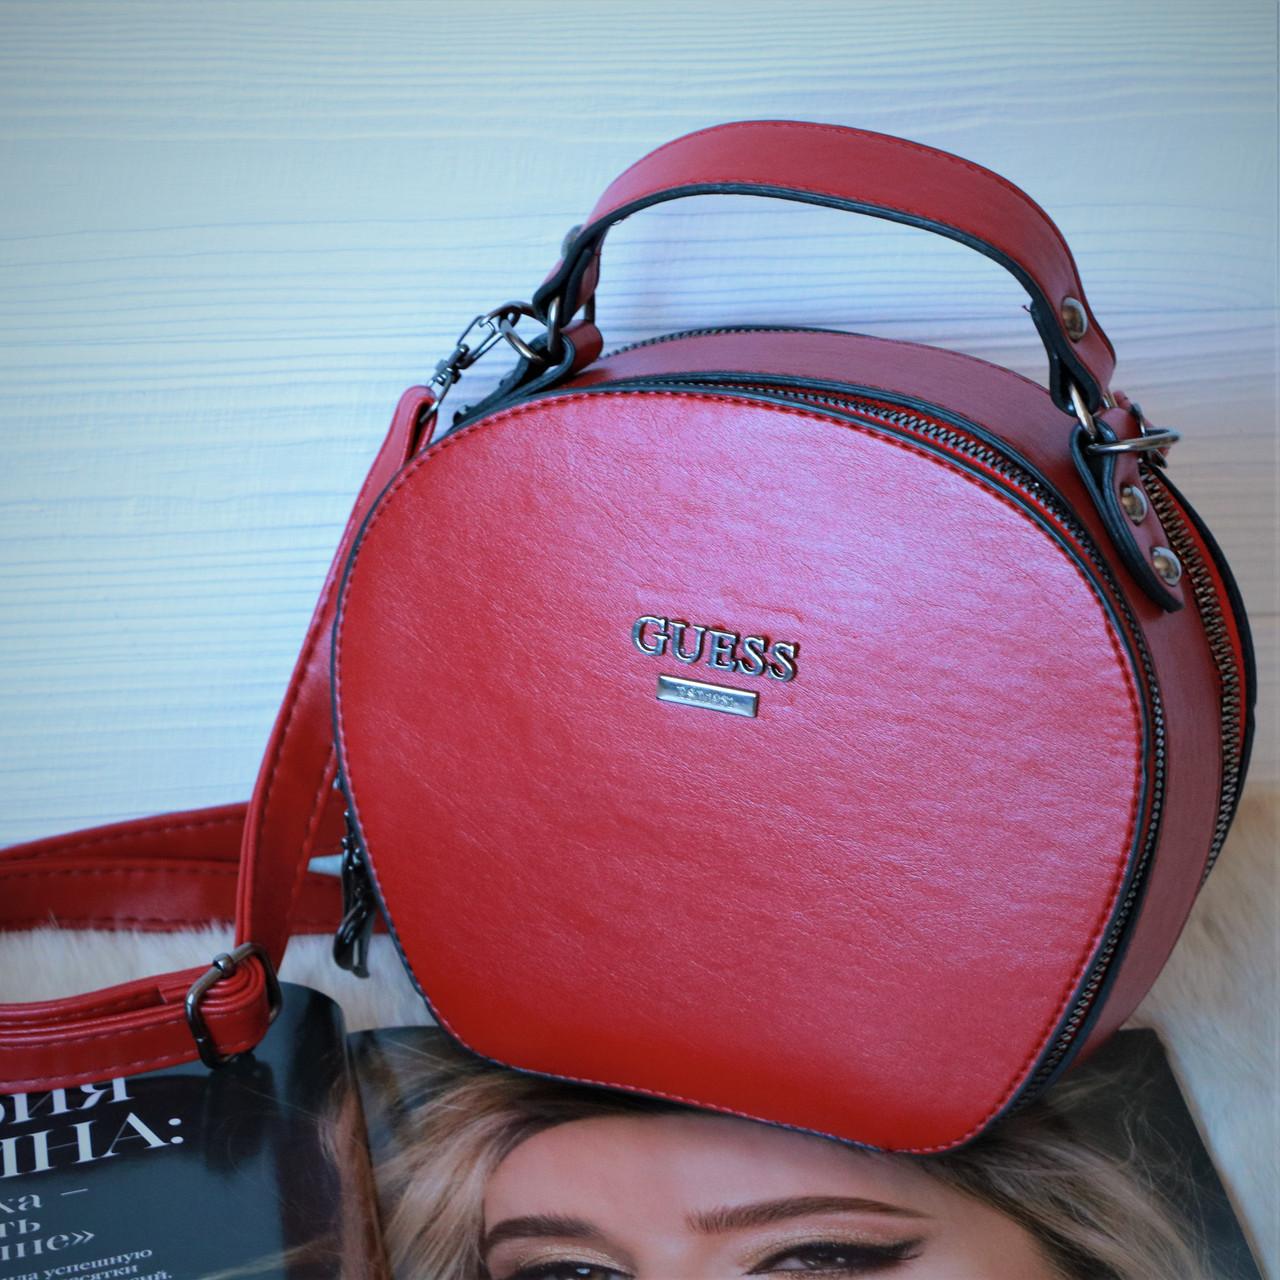 150bfdc3 Женская сумка через плечо копия GUESS Бордовая - BORSA STORE | Интернет  магазин сумок и аксессуаров